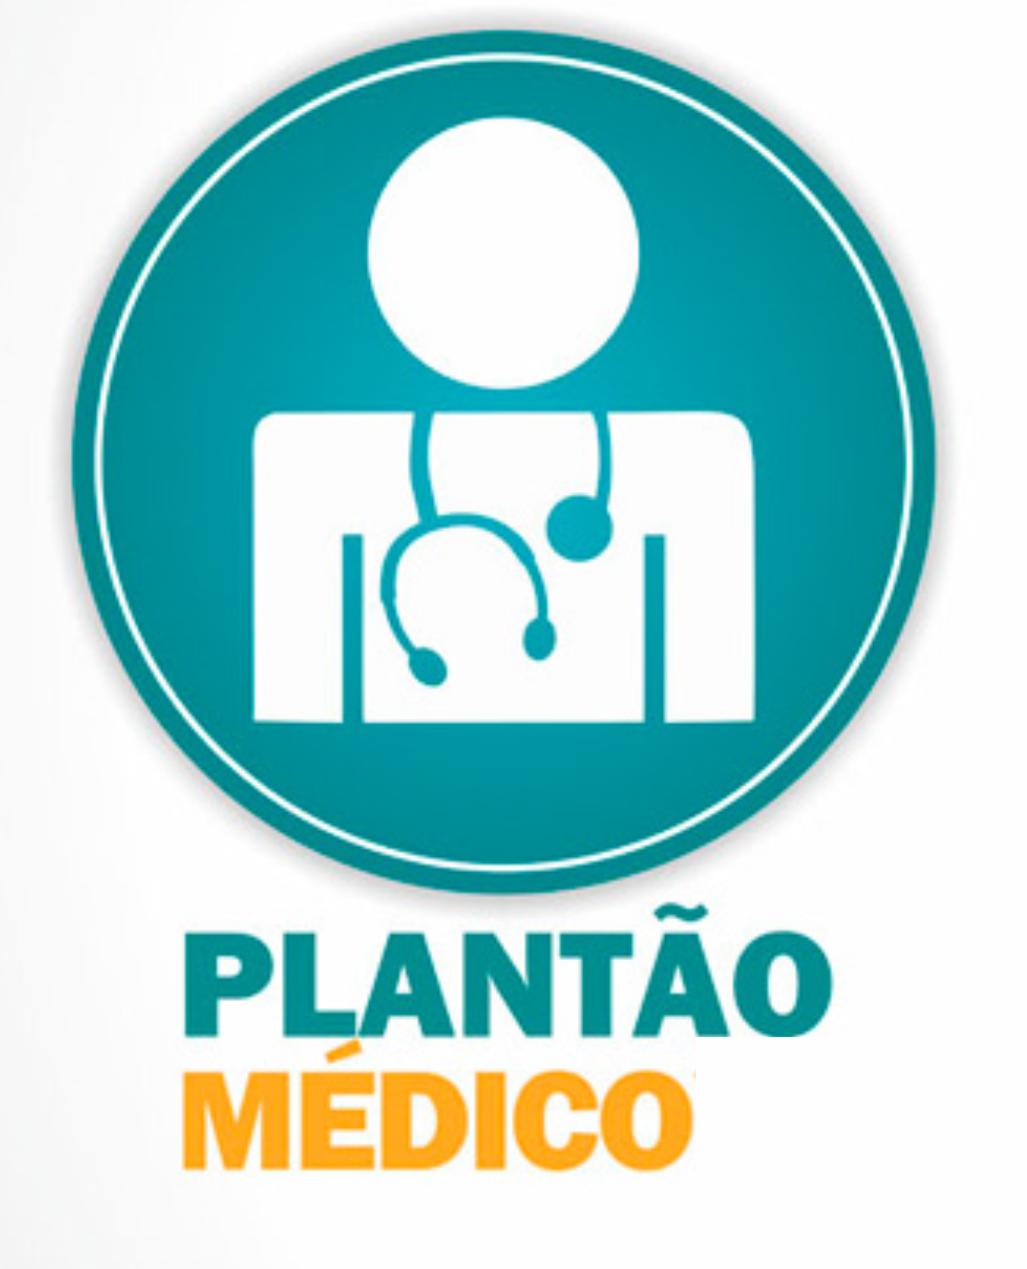 SAÚDE: VEJA AQUI O PLANTÃO MÉDICO DESTE FIM DE SEMANA.